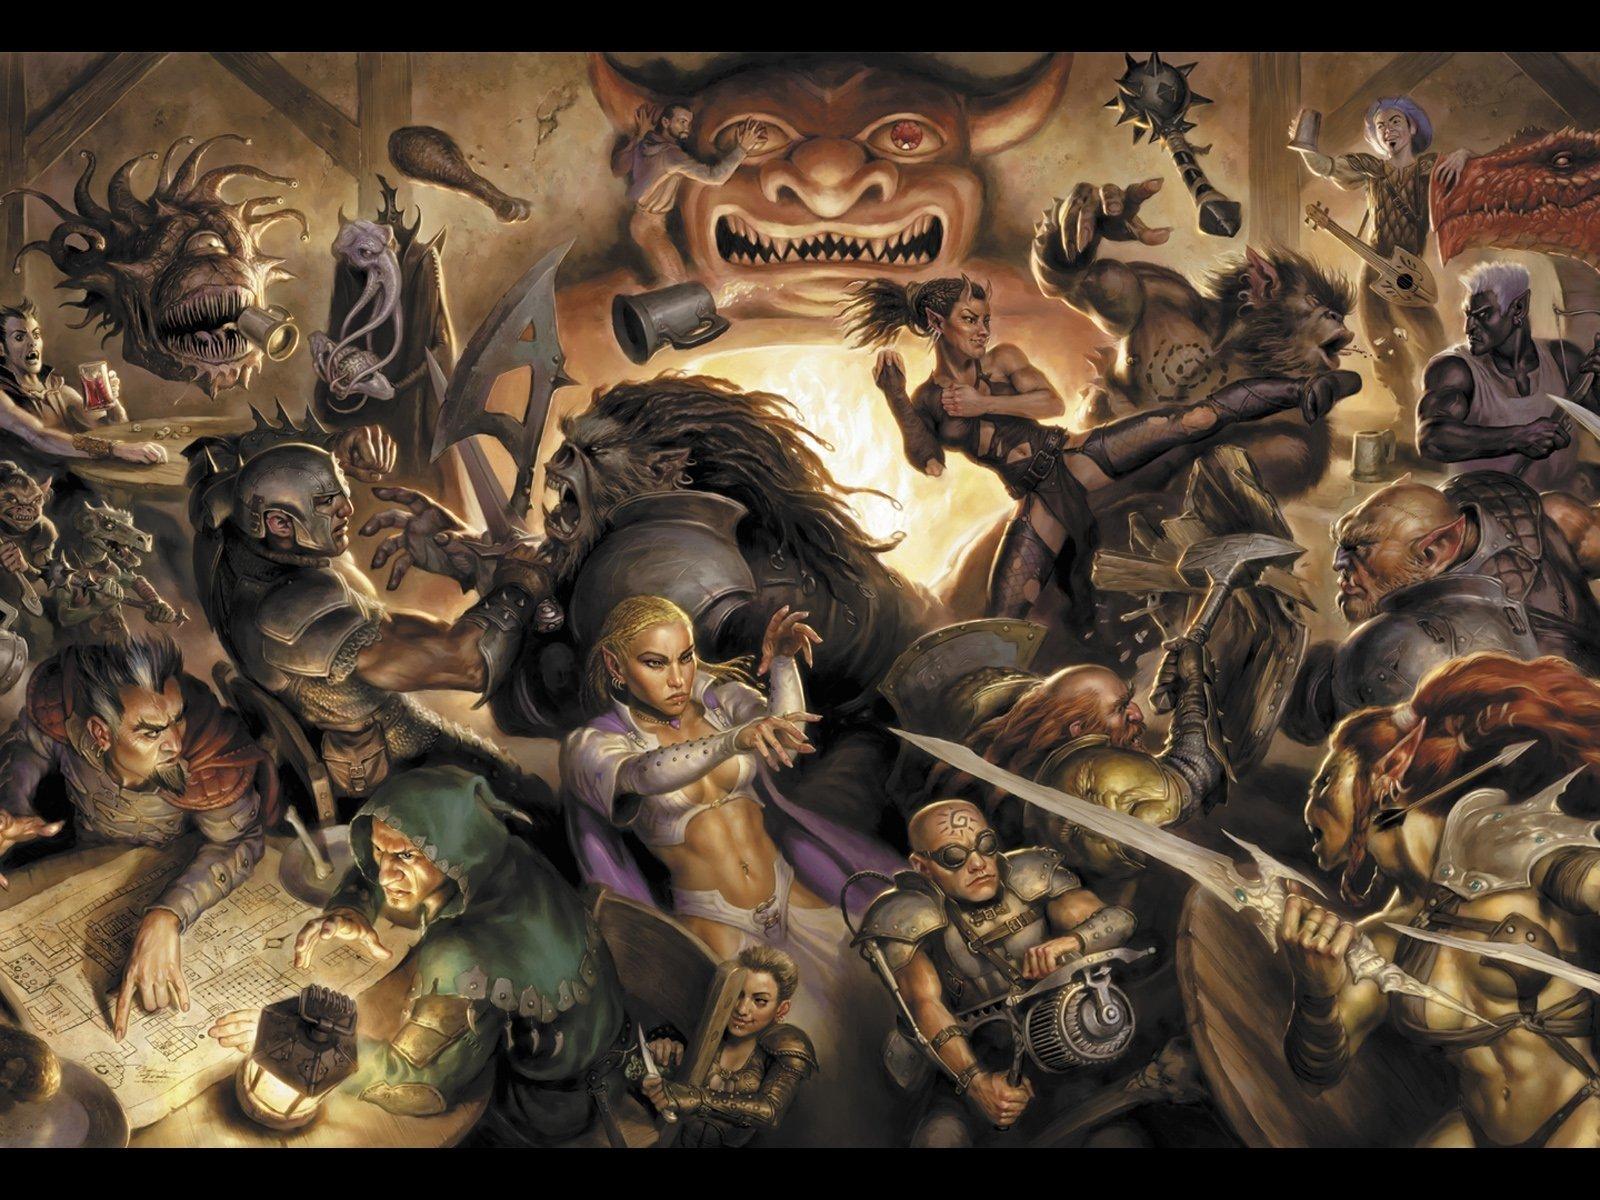 Artístico - Artístico  Juego Dungeons & Dragons Fantasía Fondo de Pantalla